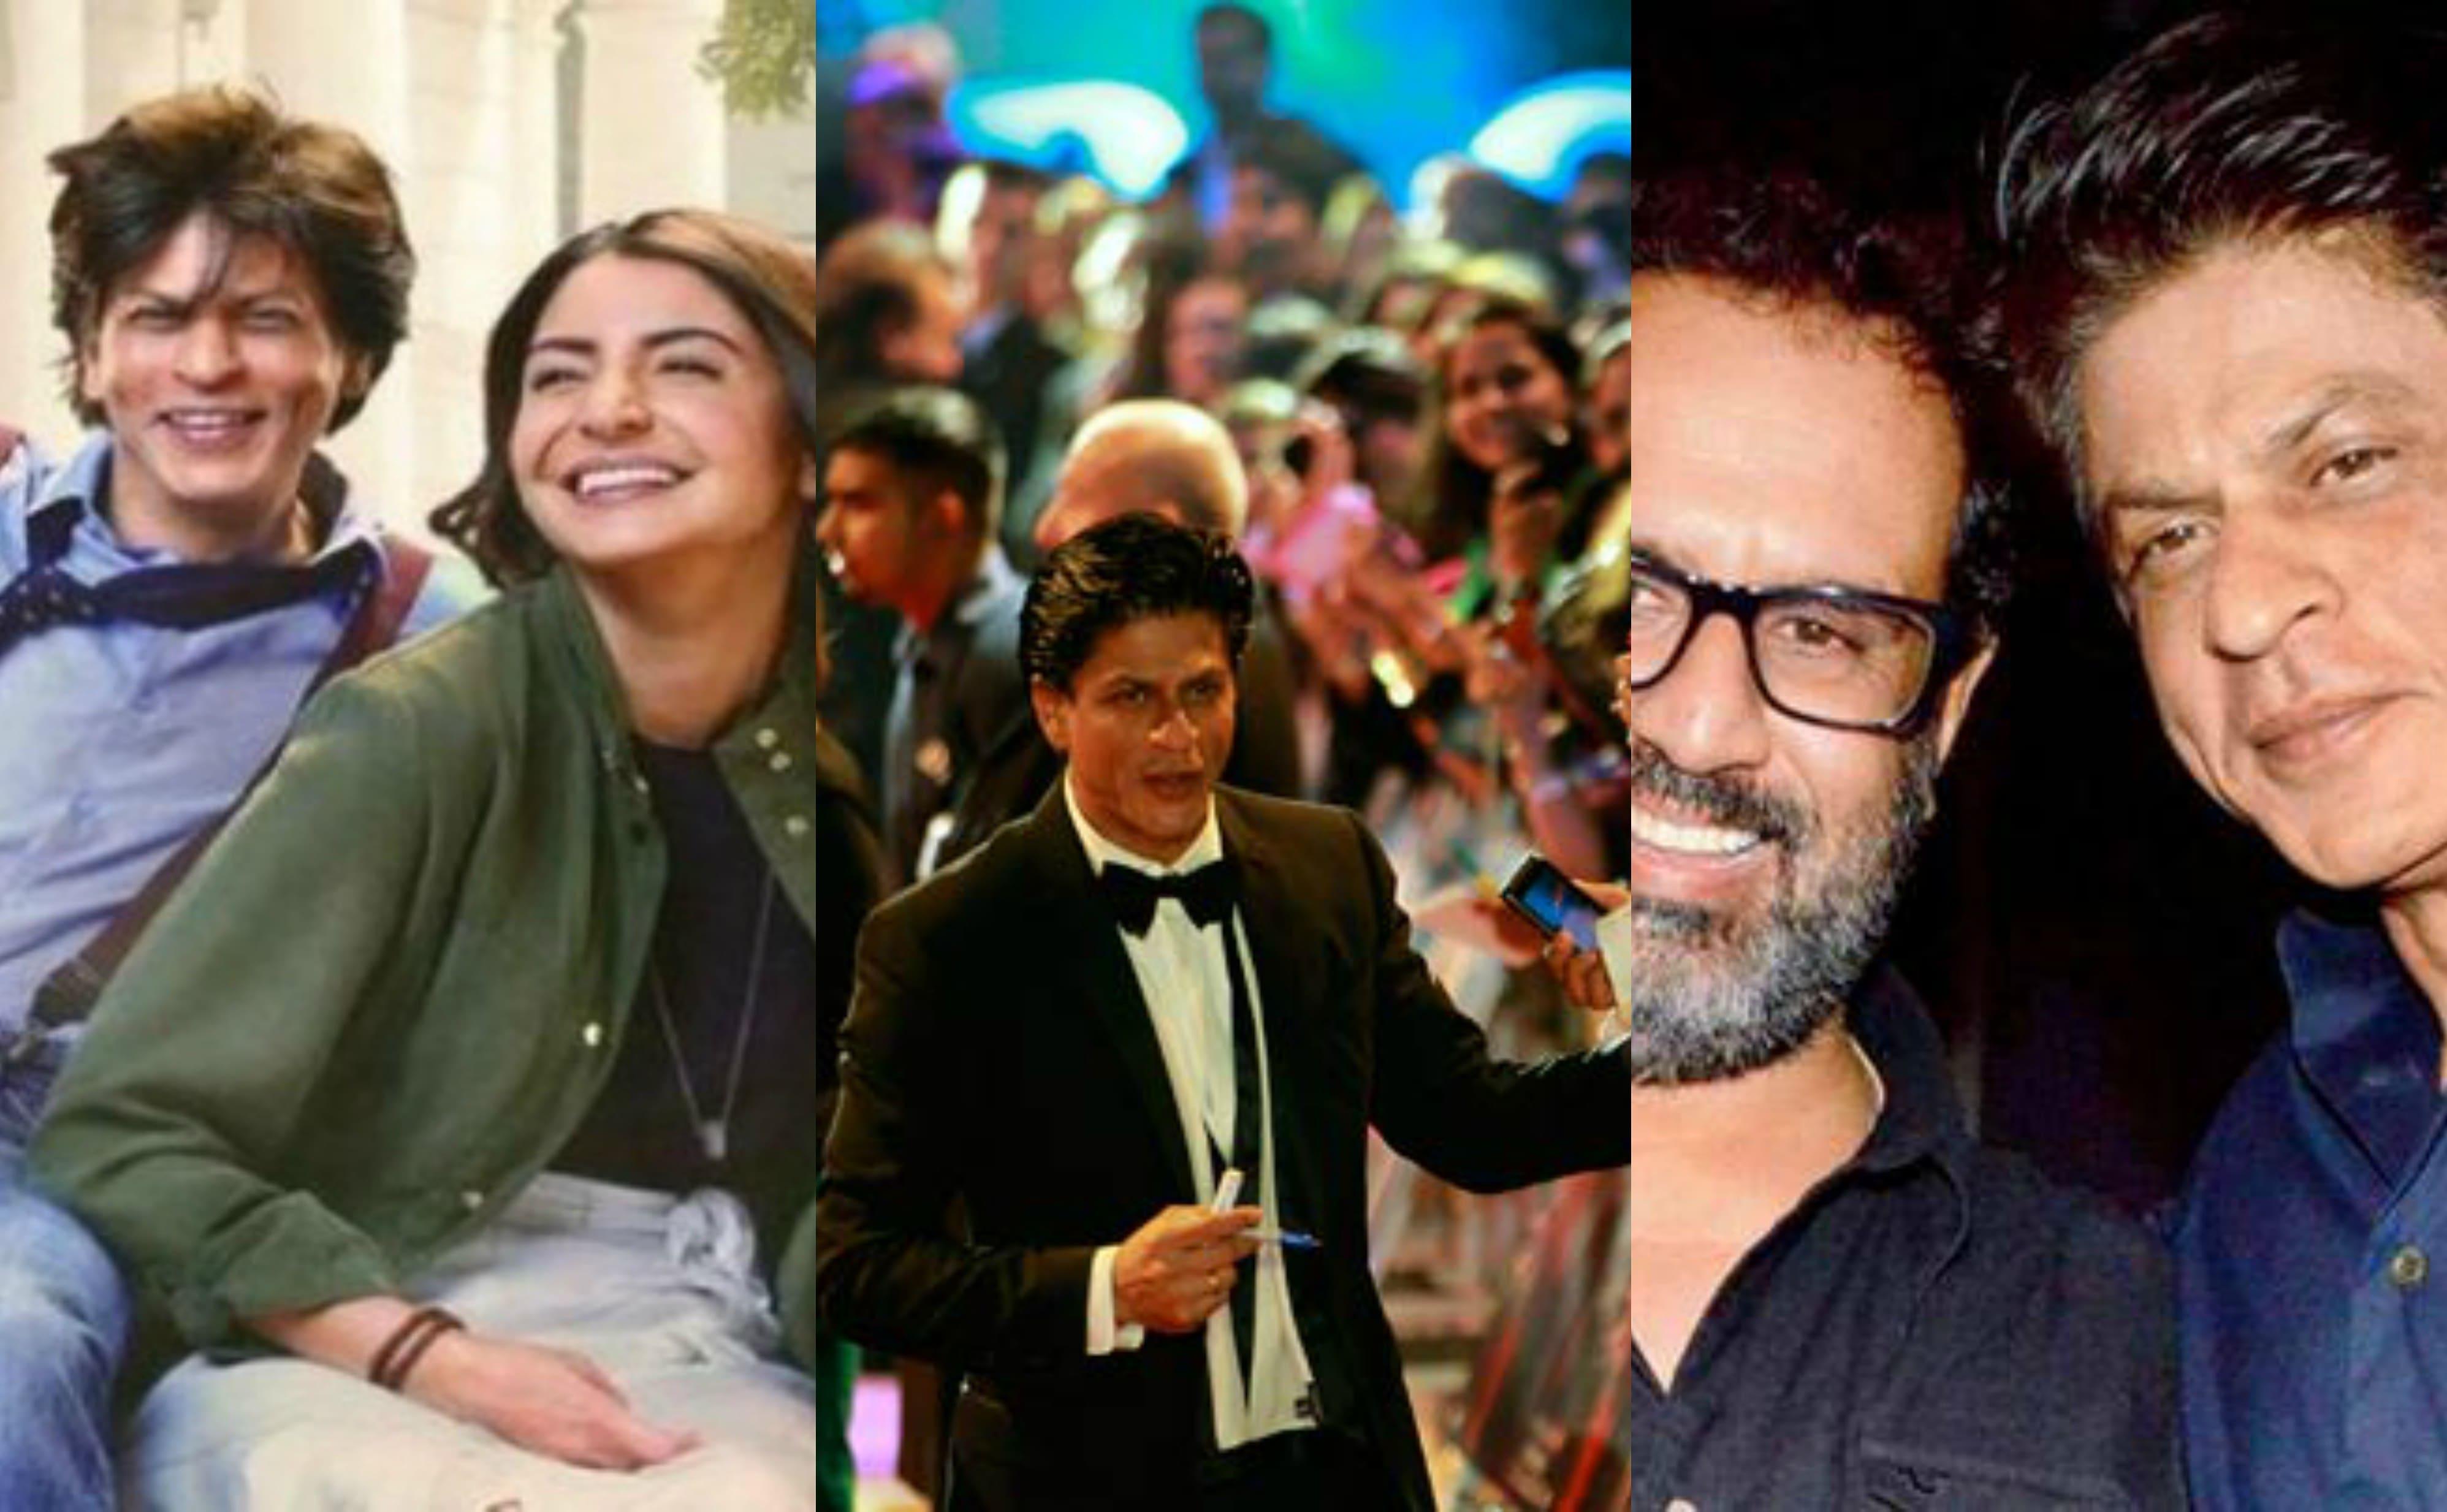 इन 5 वजहों से हमारा दिल चाहता था कि शाहरुख़ की 'जीरो' बहुत अच्छी चले !